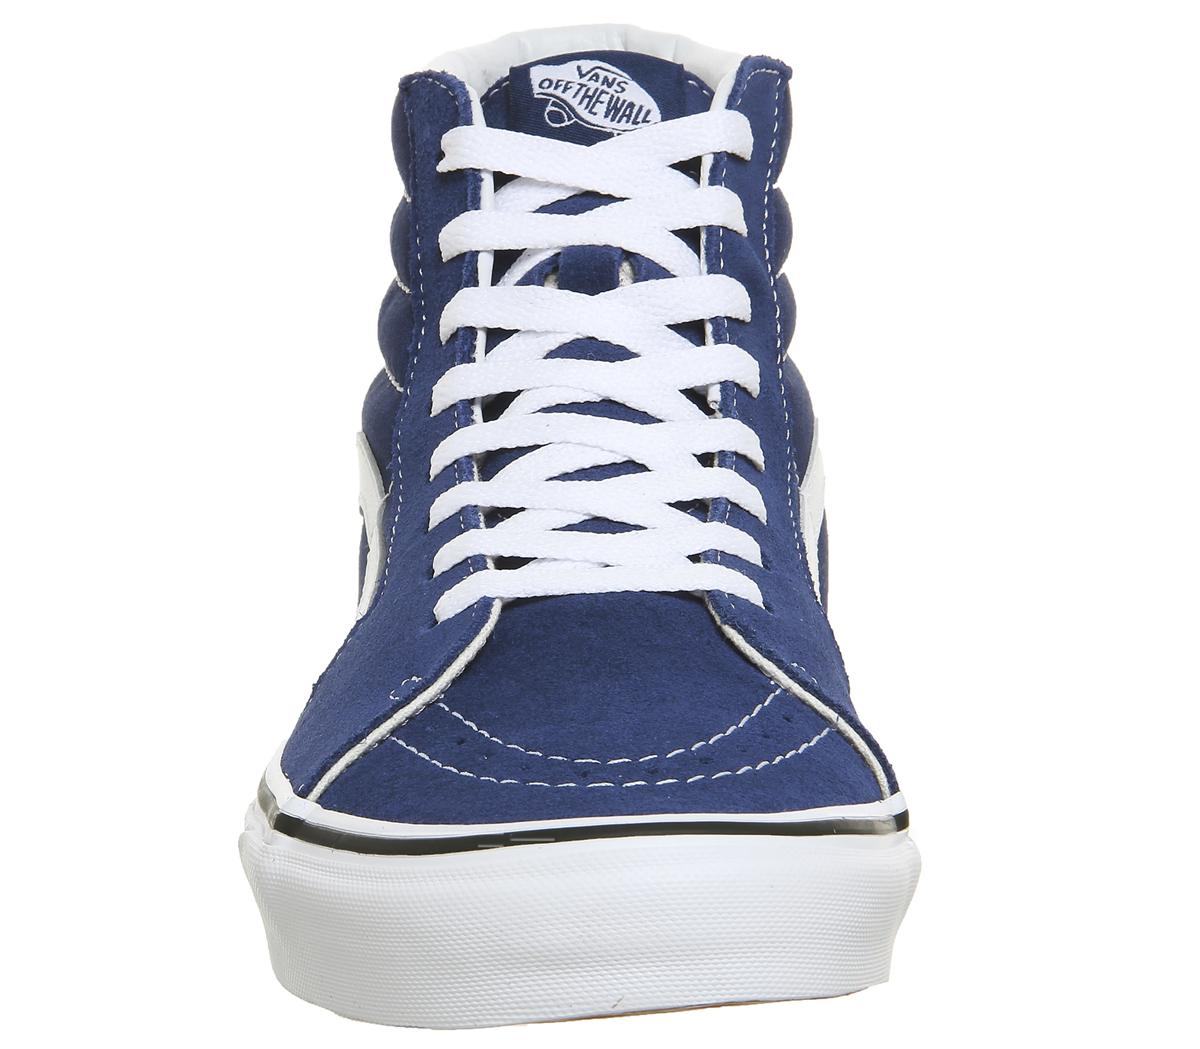 Sk8-Hi Sneakers estate blue / true whiteVans y3bwiLv